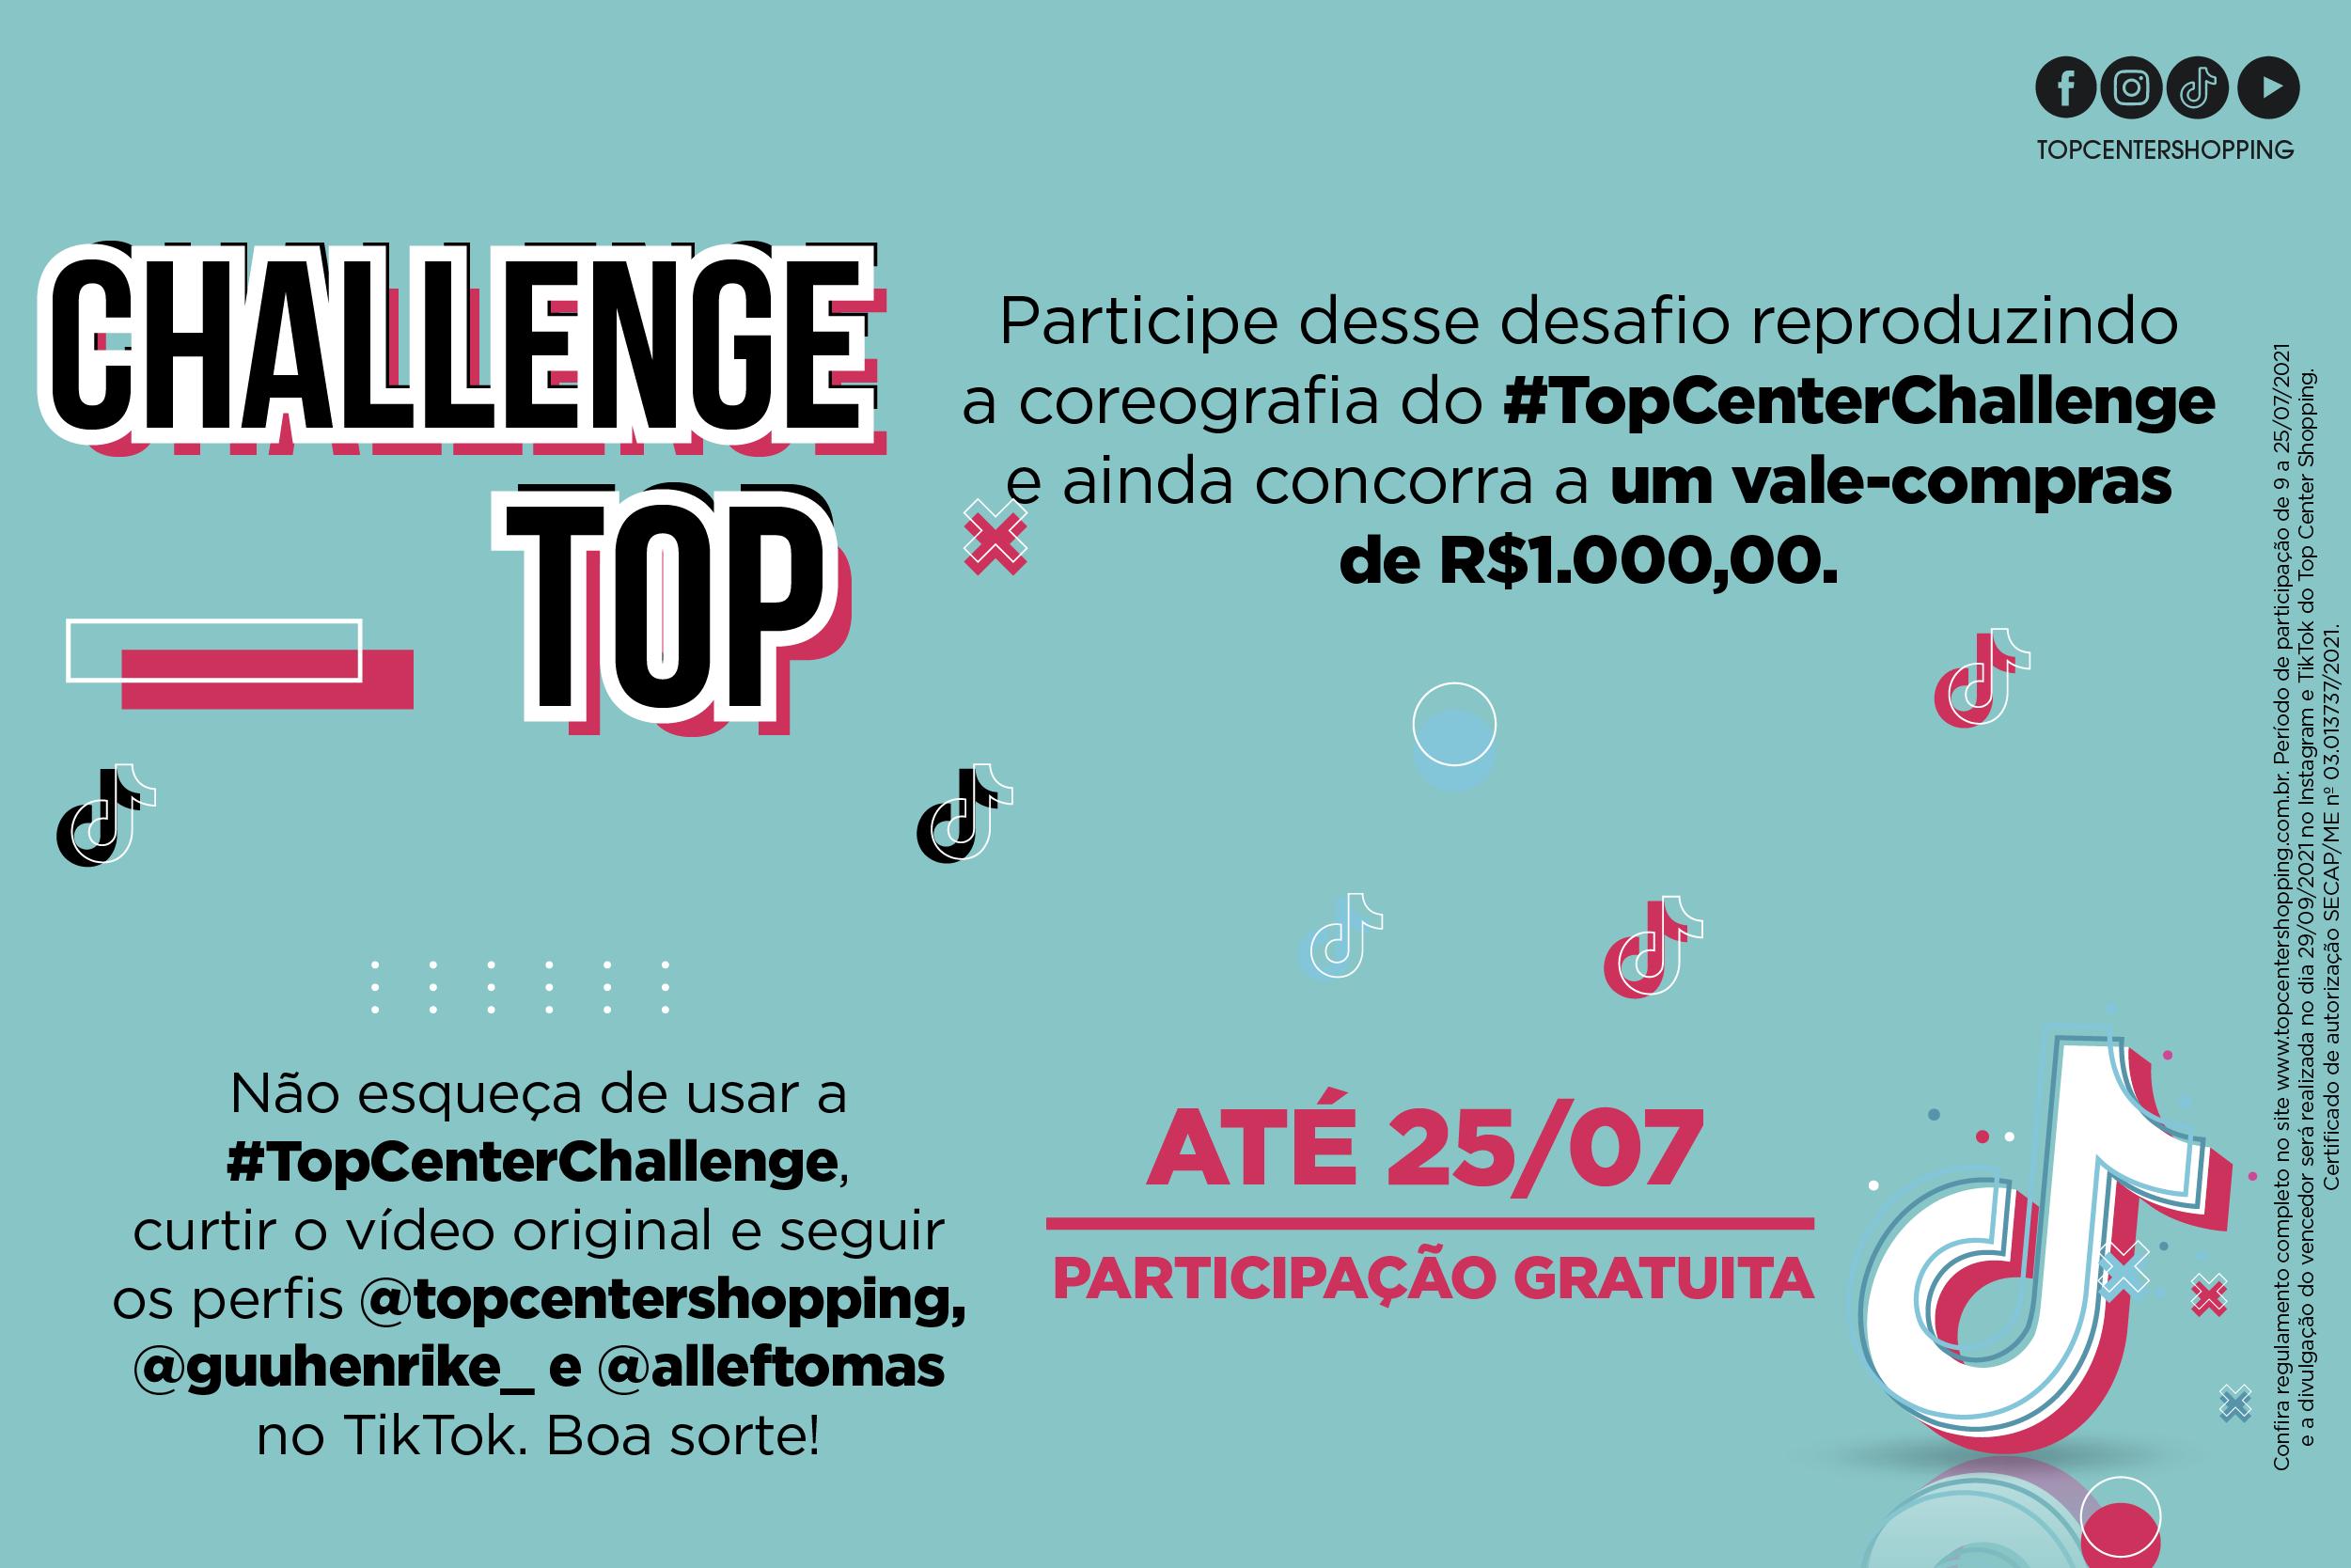 Challenge Top